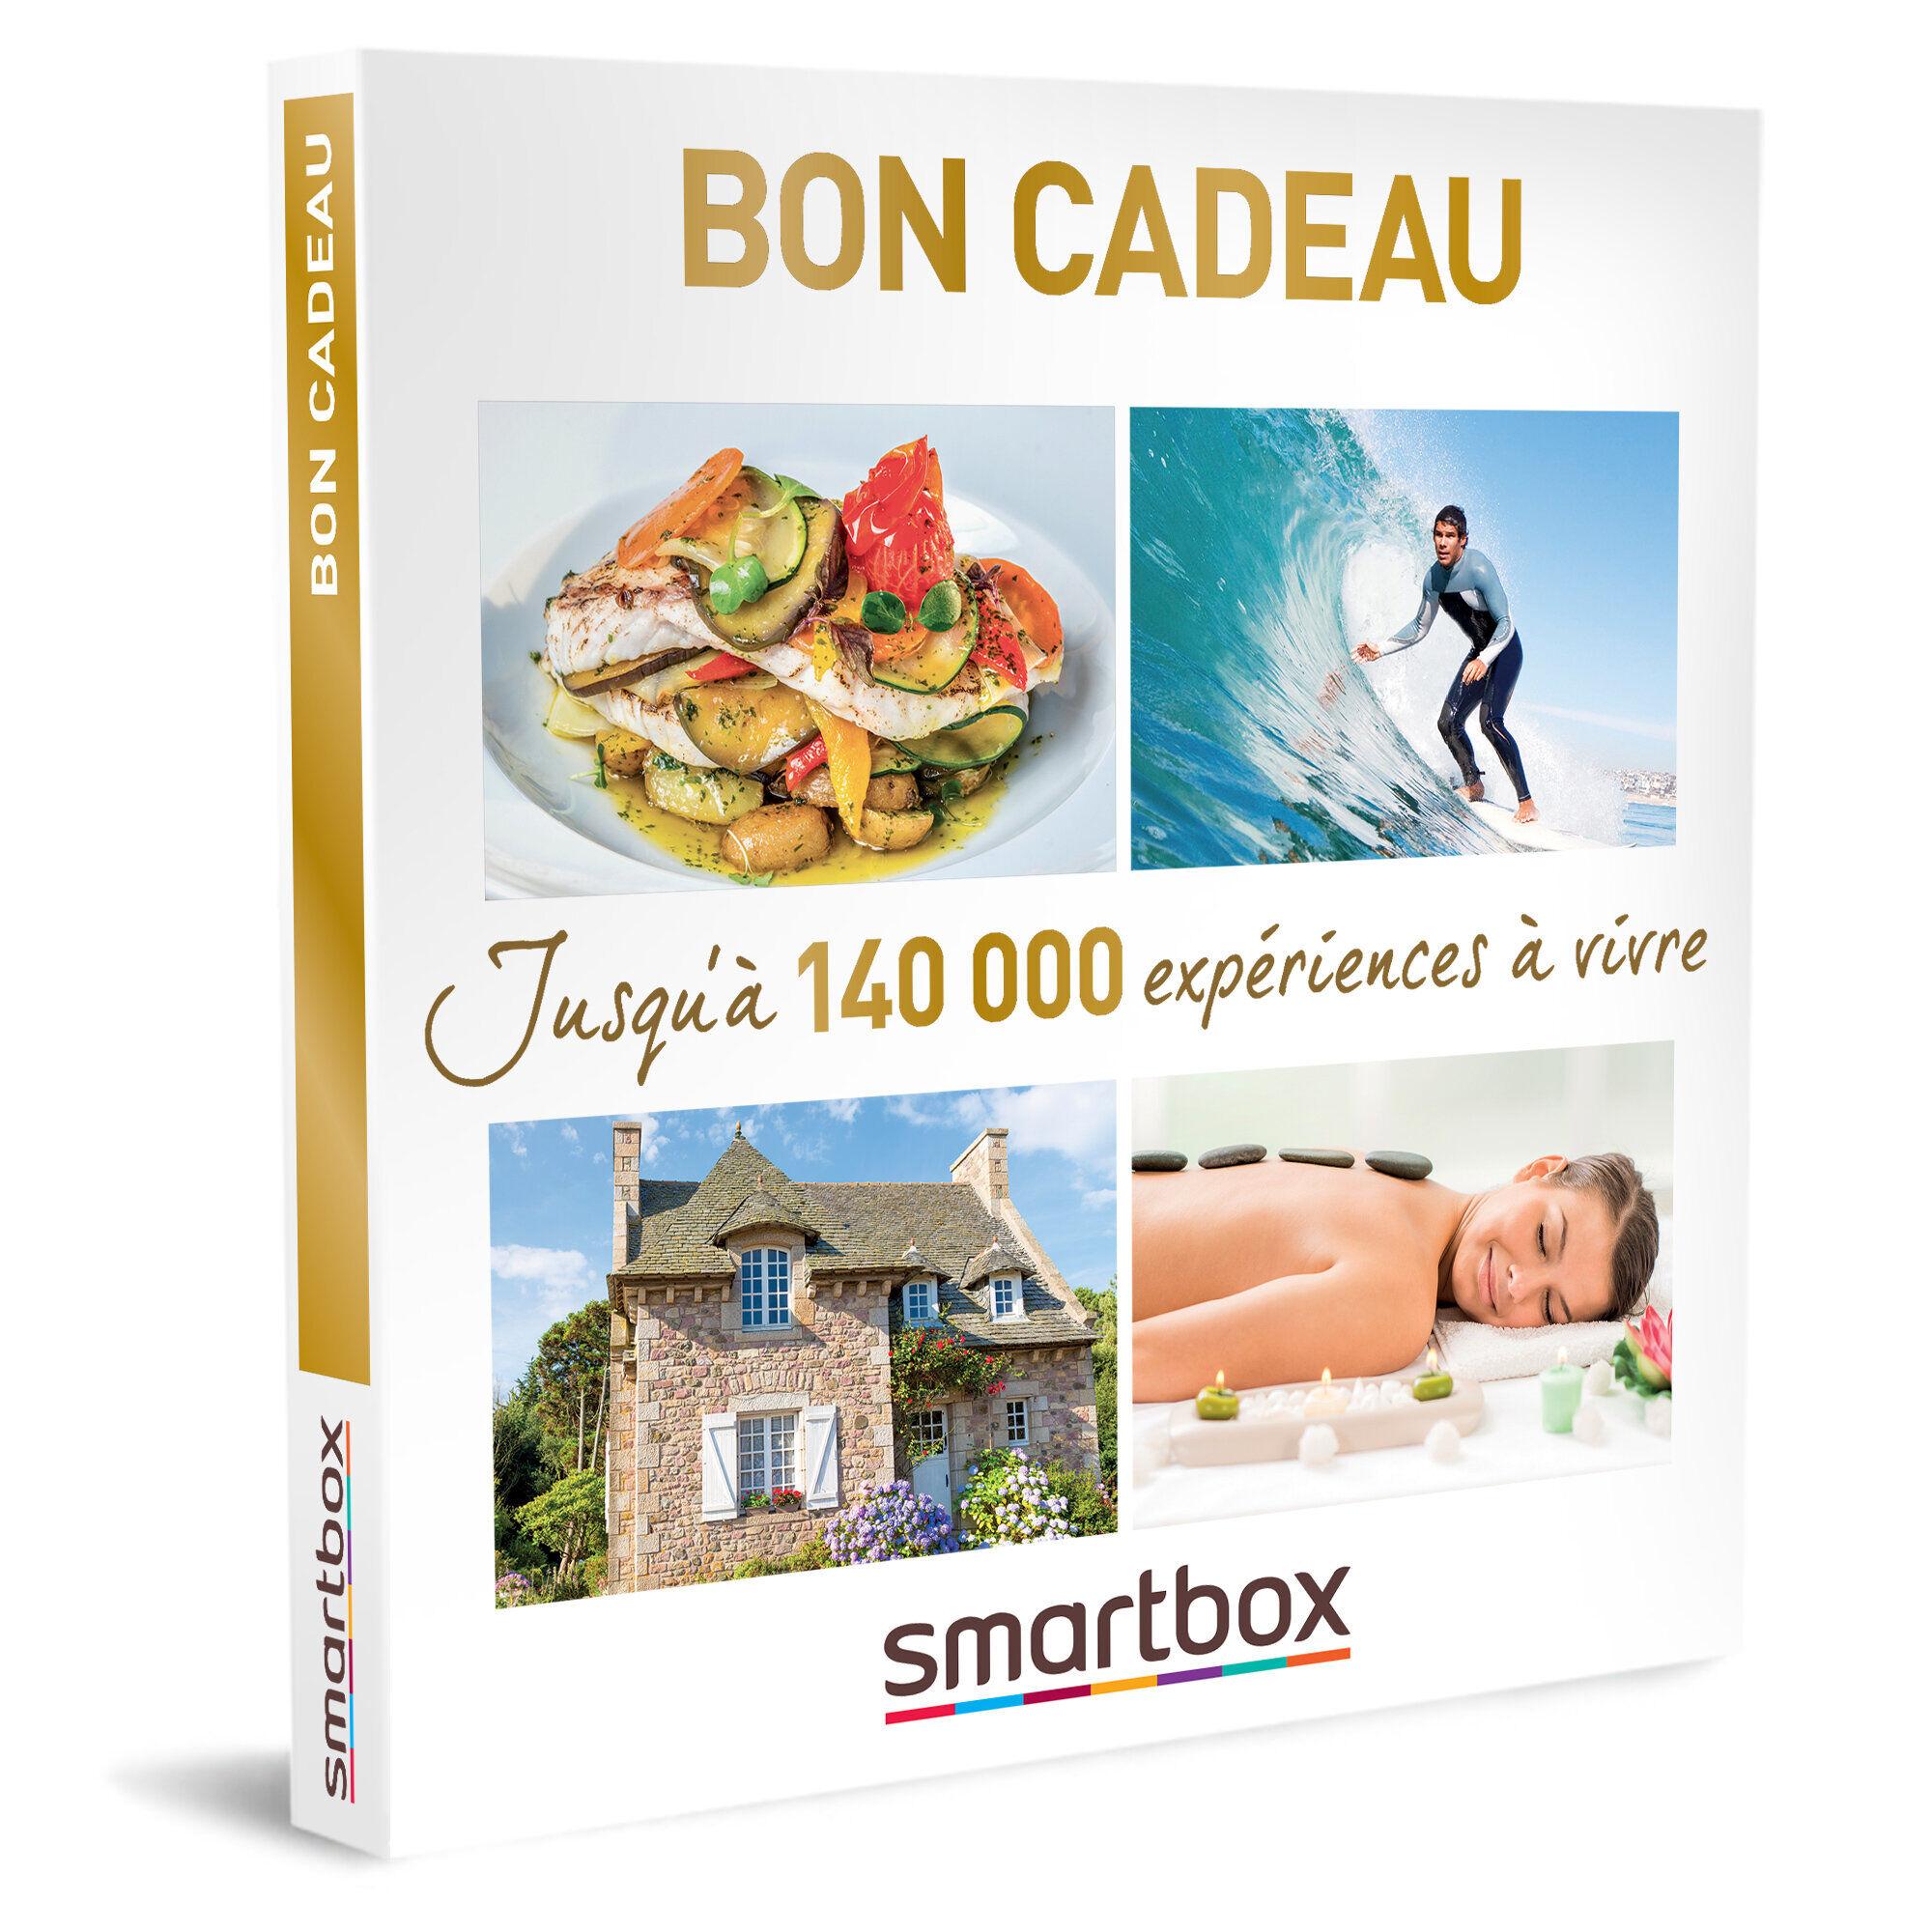 Smartbox Bon cadeau 49,90 Coffret cadeau Smartbox